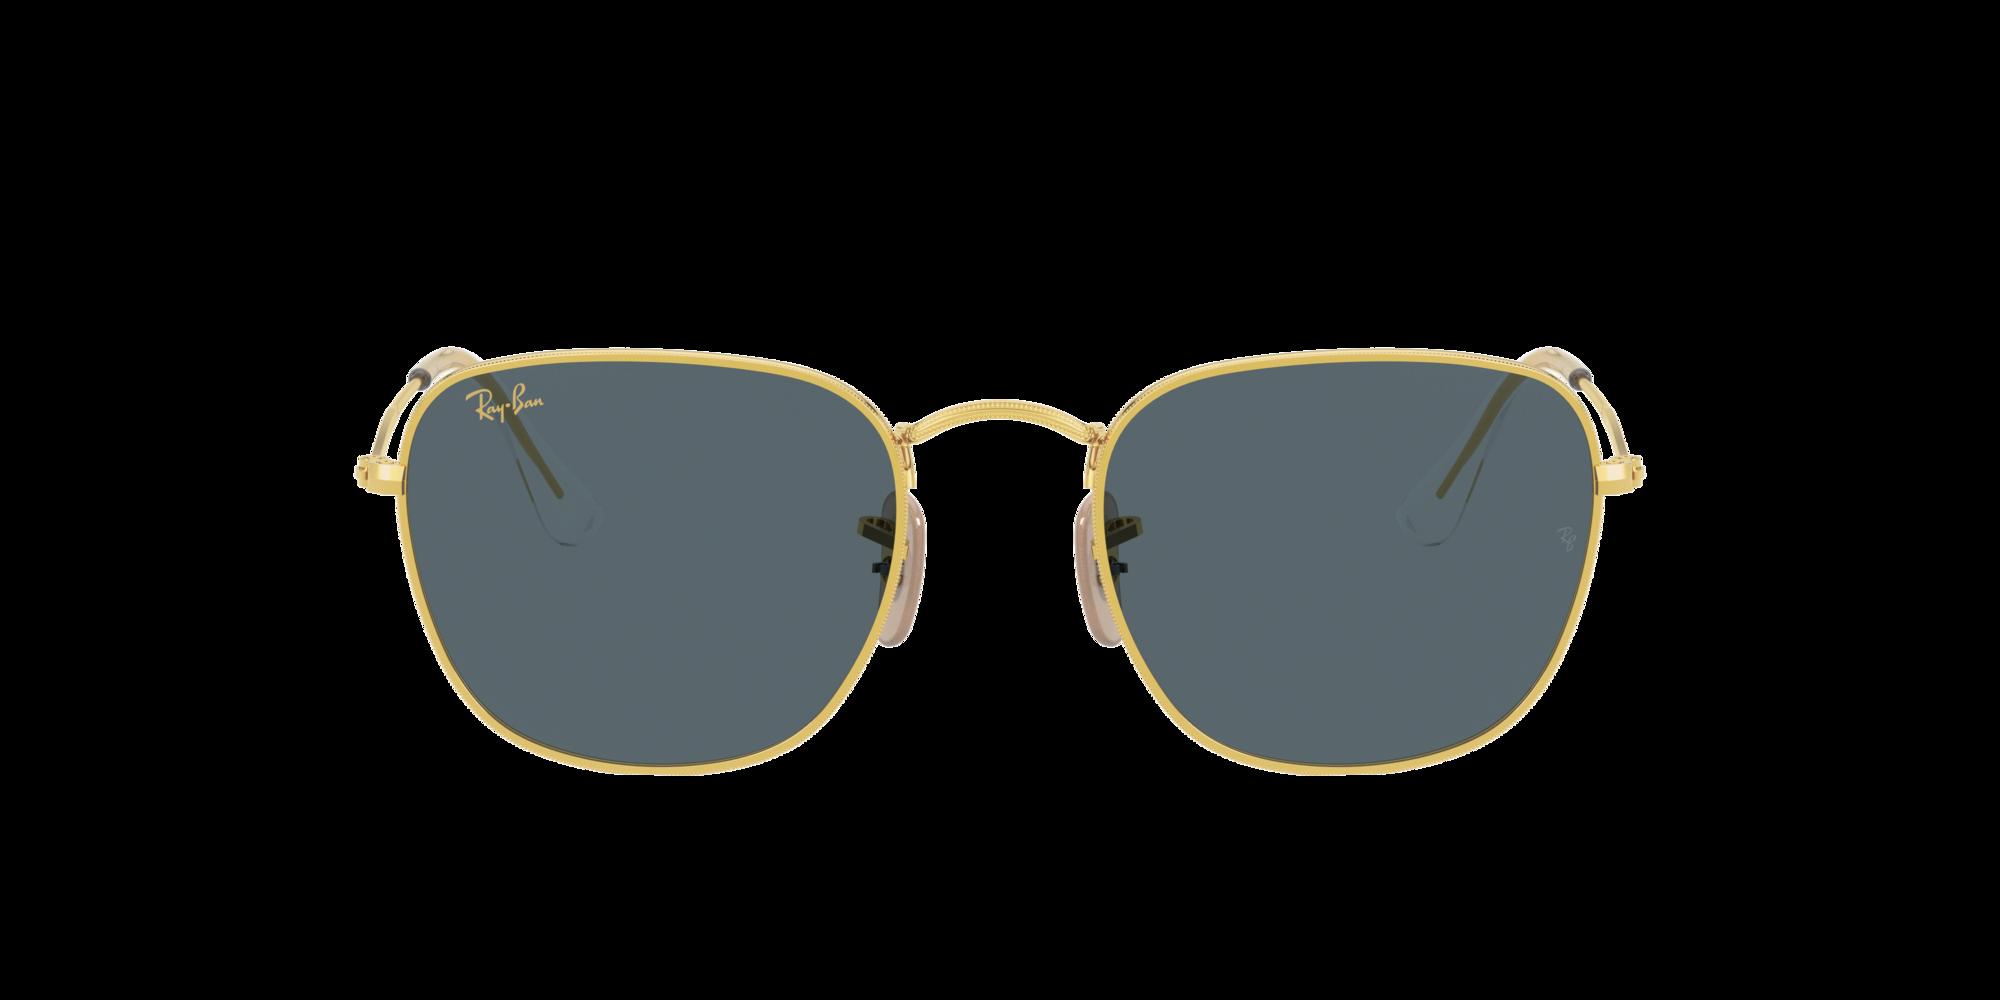 Imagen para RB3857 51 FRANK de LensCrafters |  Espejuelos, espejuelos graduados en línea, gafas